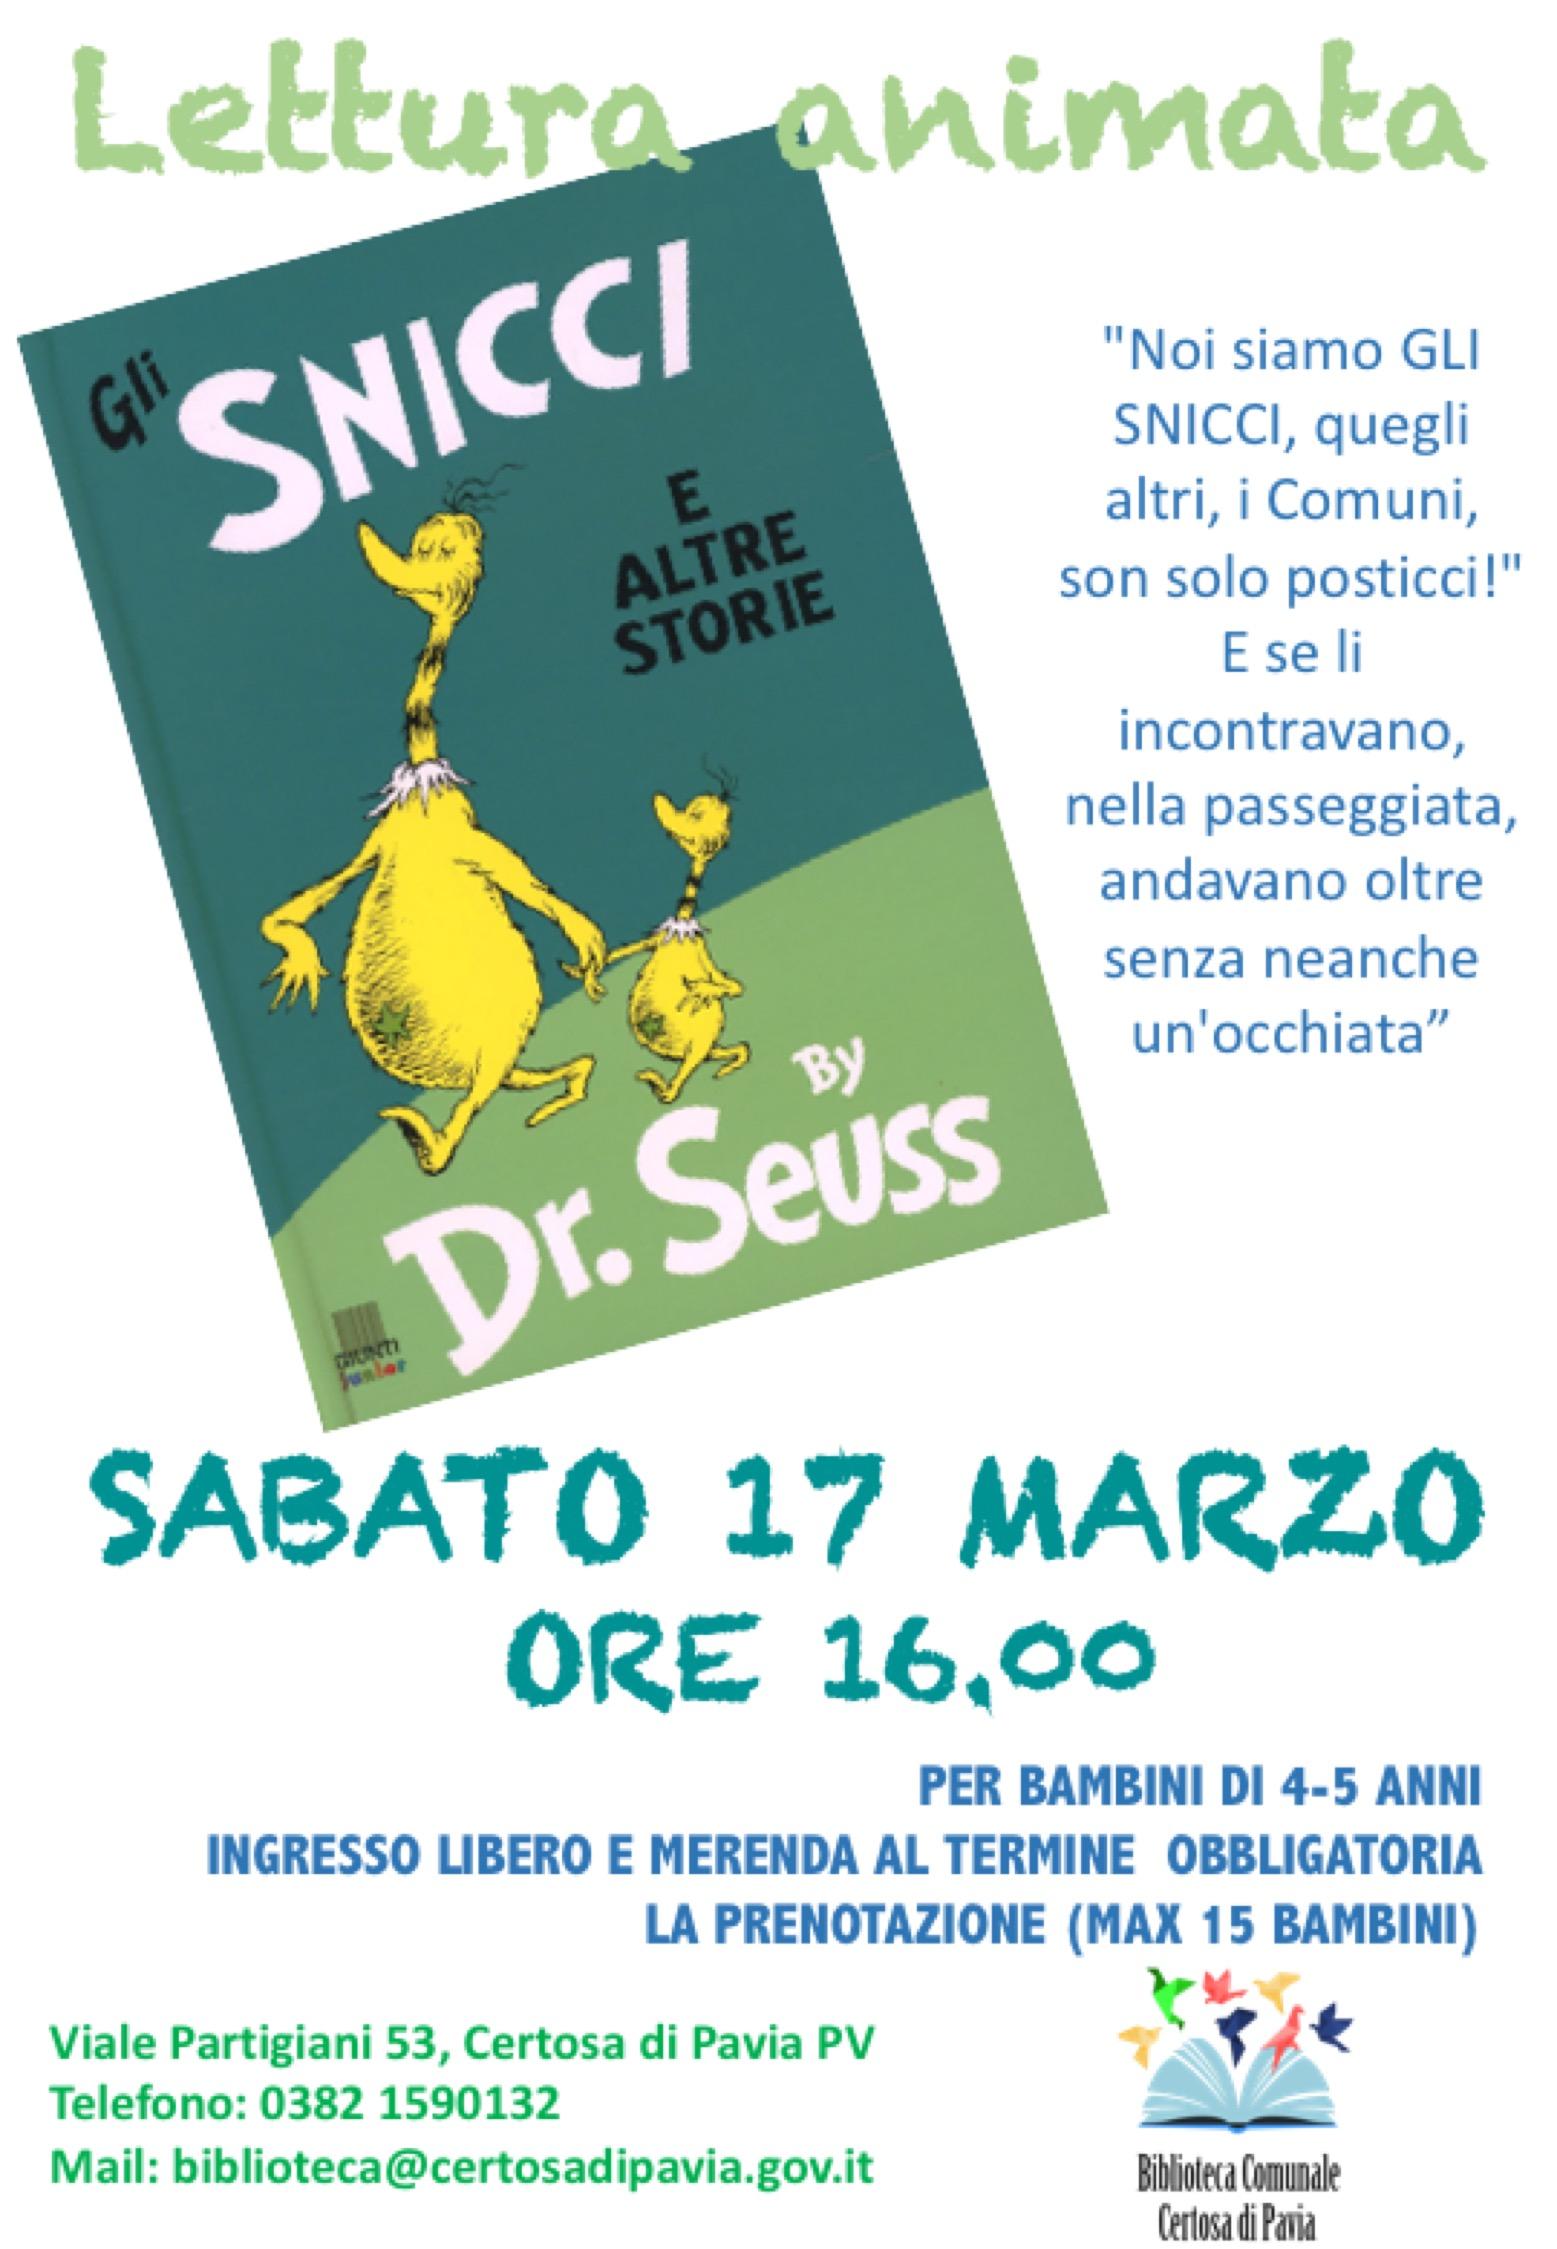 Lettura animata: Gli Snicci e altre storie - 17 marzo 2018 - Biblioteca di Certosa di Pavia